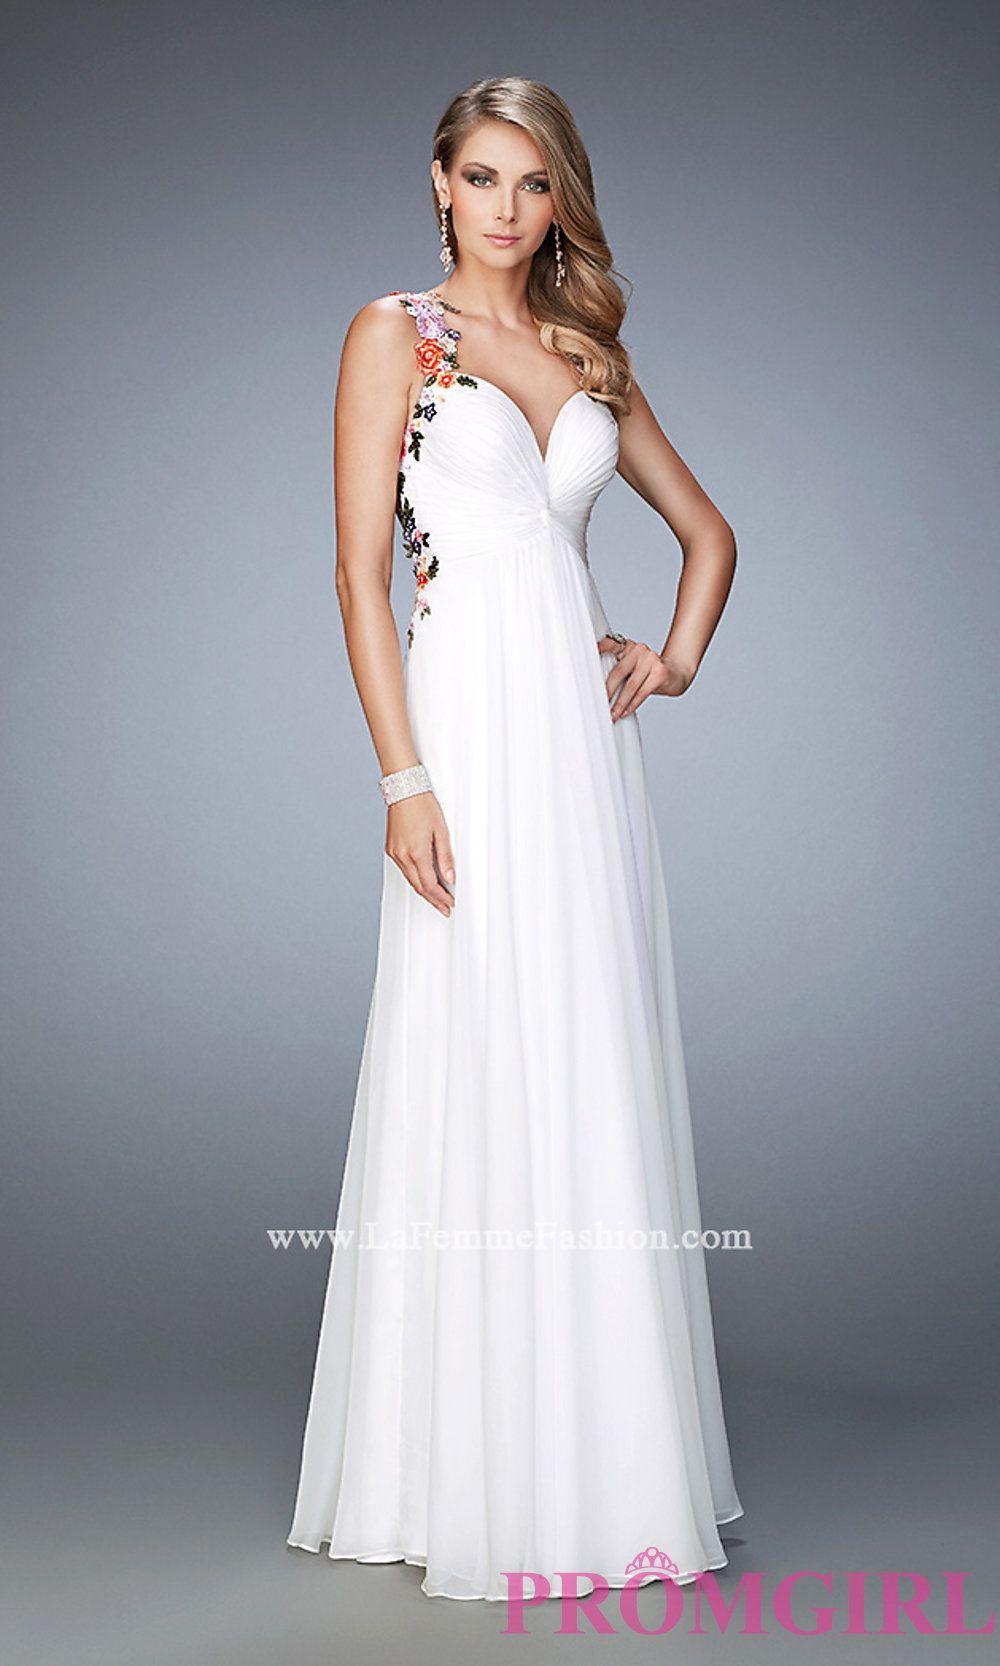 d8cfb05f87a Long White Sweetheart Open Back Prom Dress by La Femme Style  LF-22610